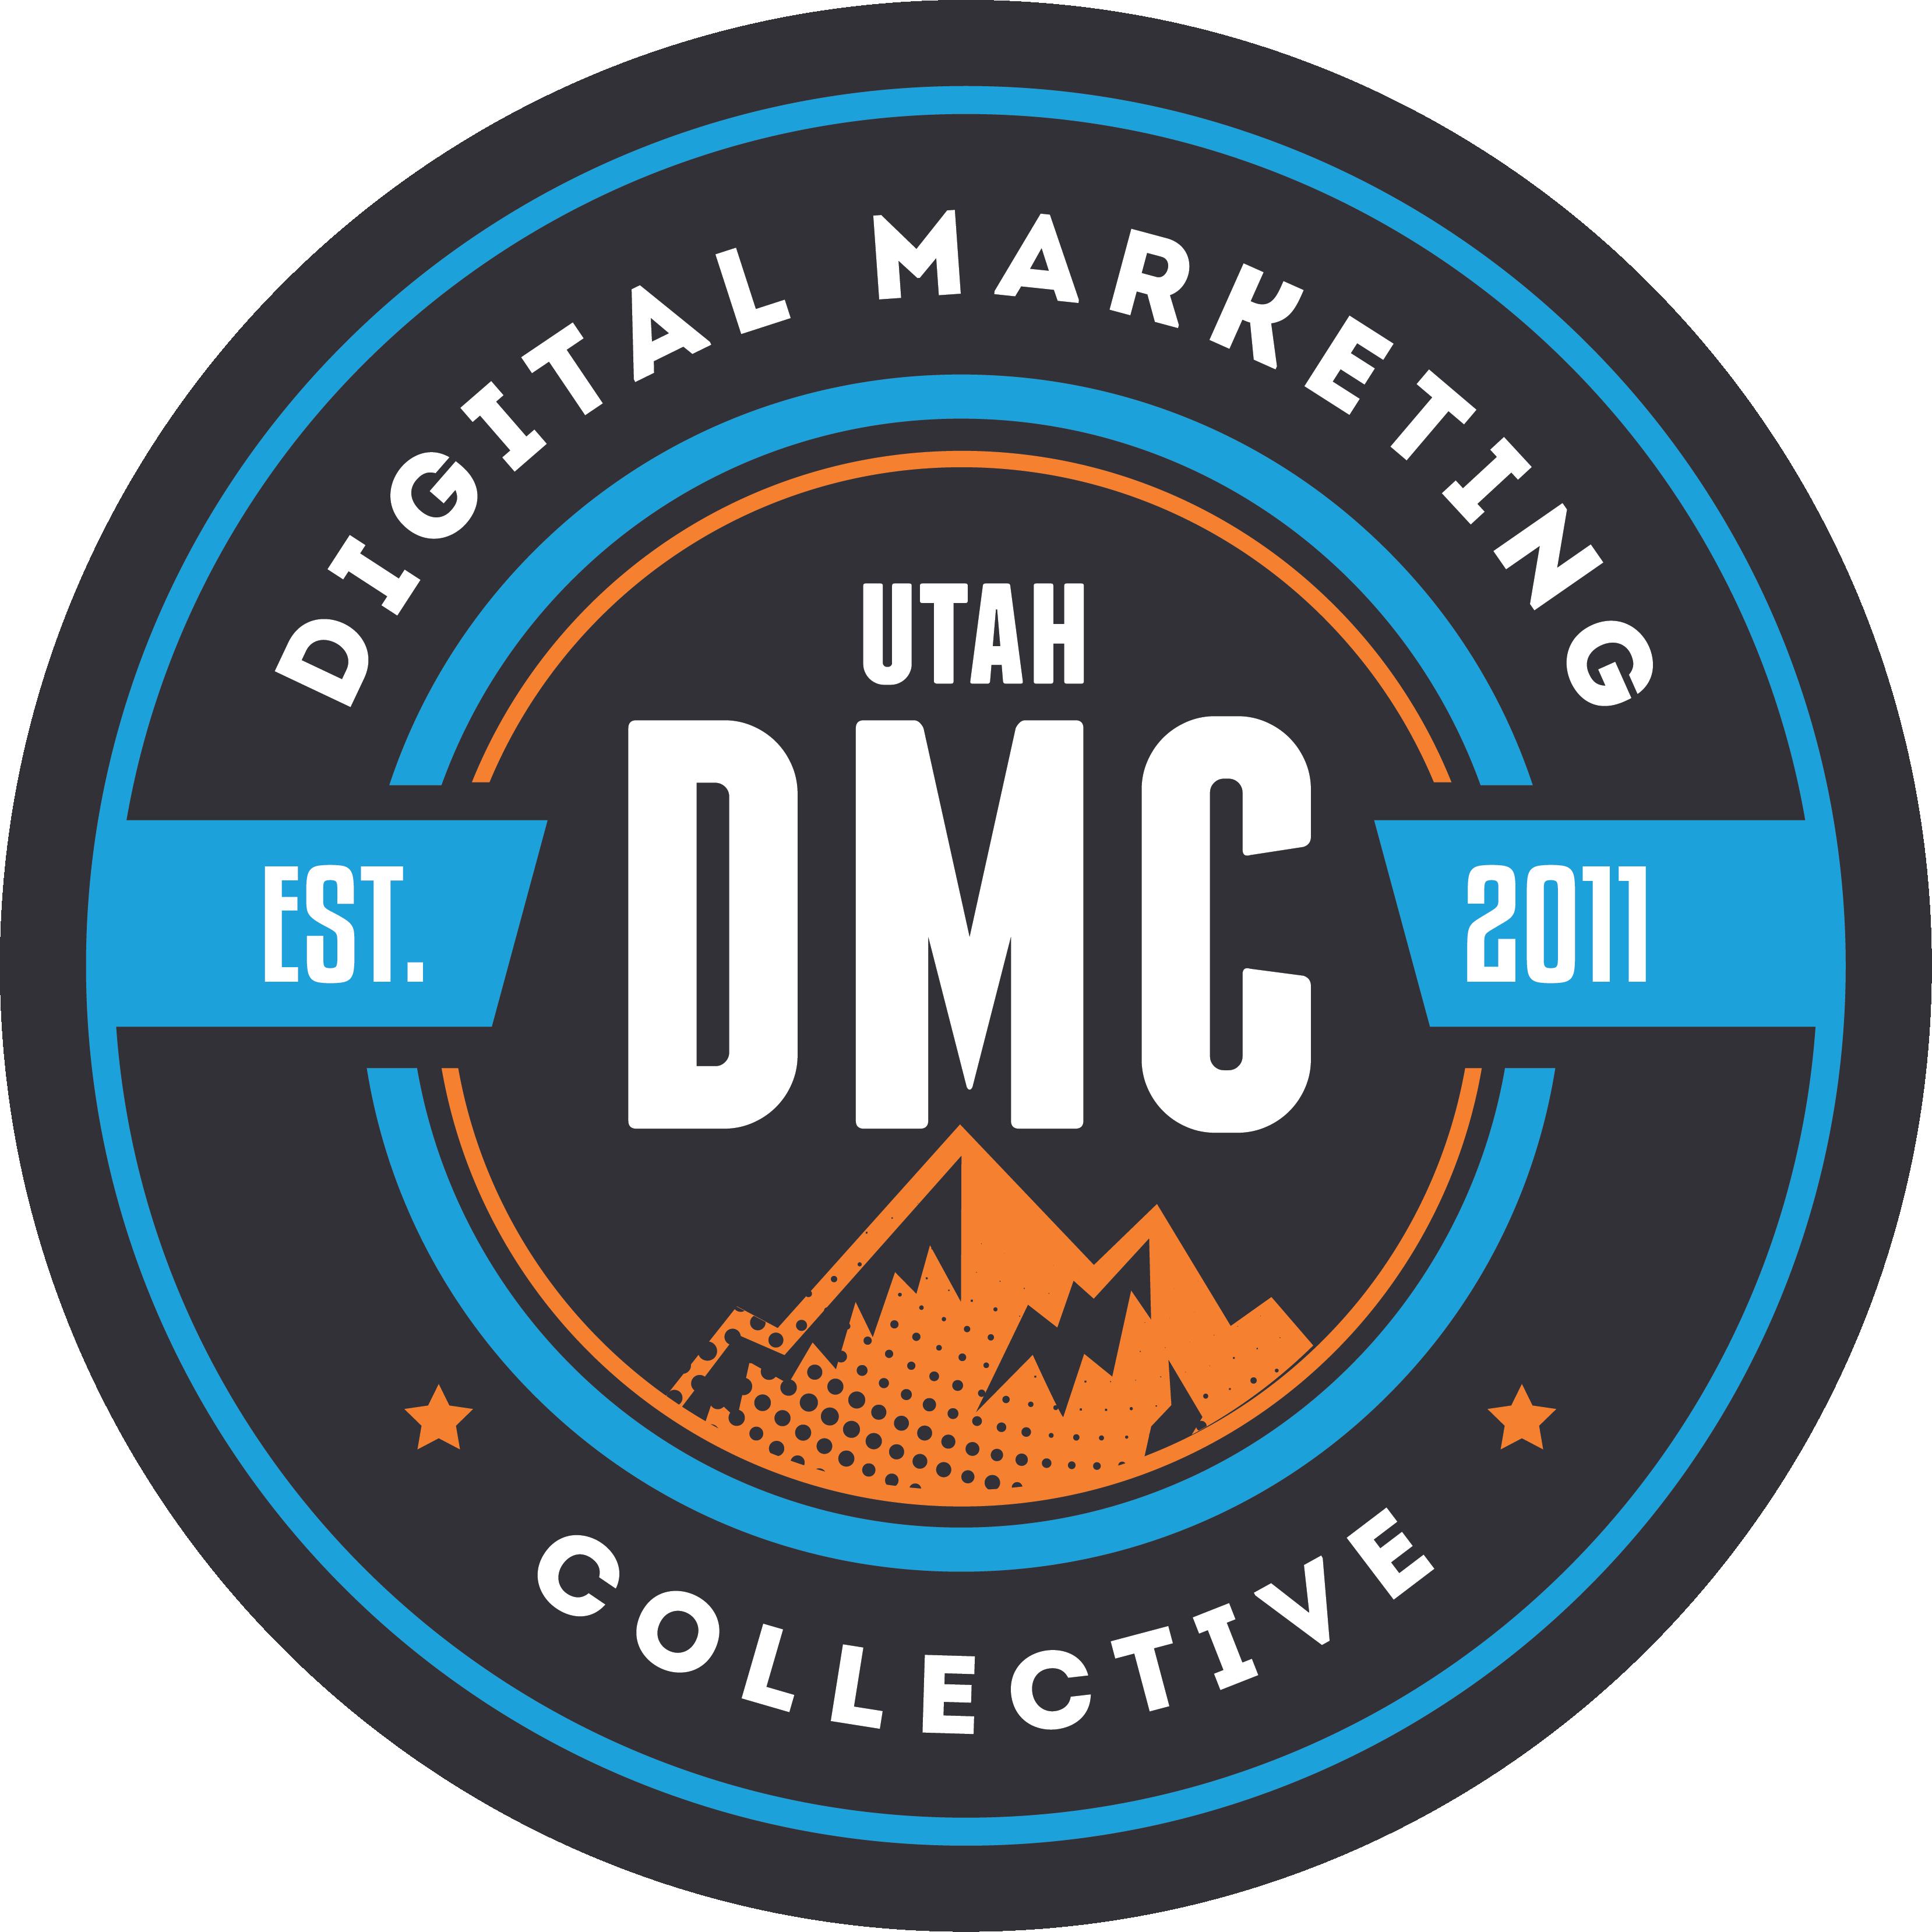 Utah DMC Logo